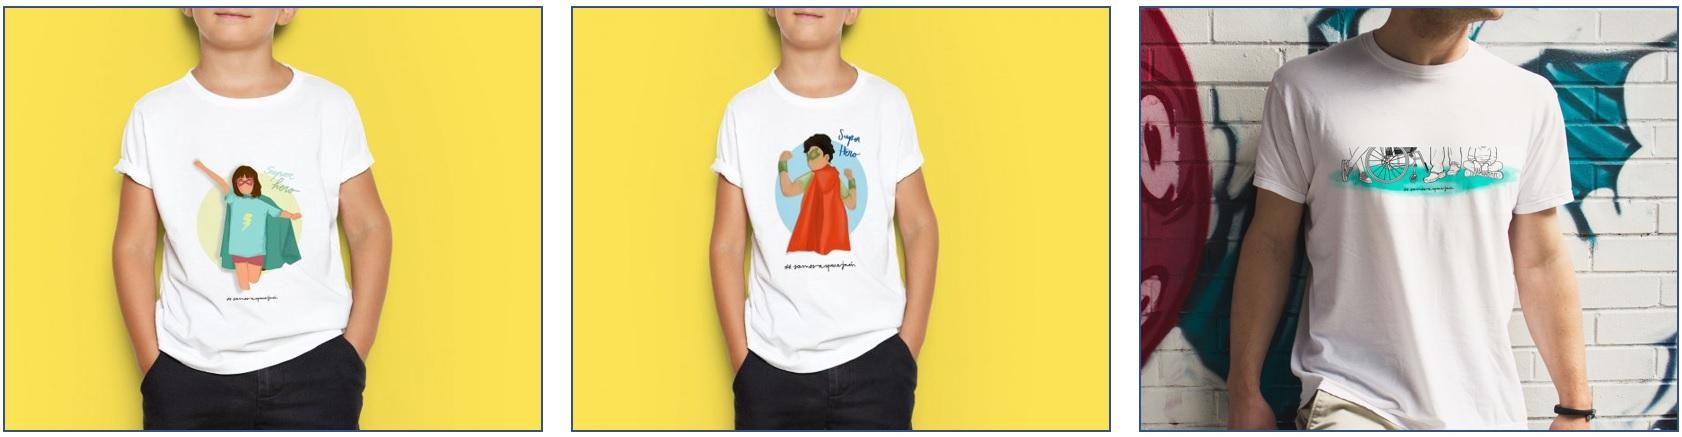 Llegan las «Super Hero», las nuevas camisetas solidarias de Aspace Jaén ¡No te quedes sin ella!